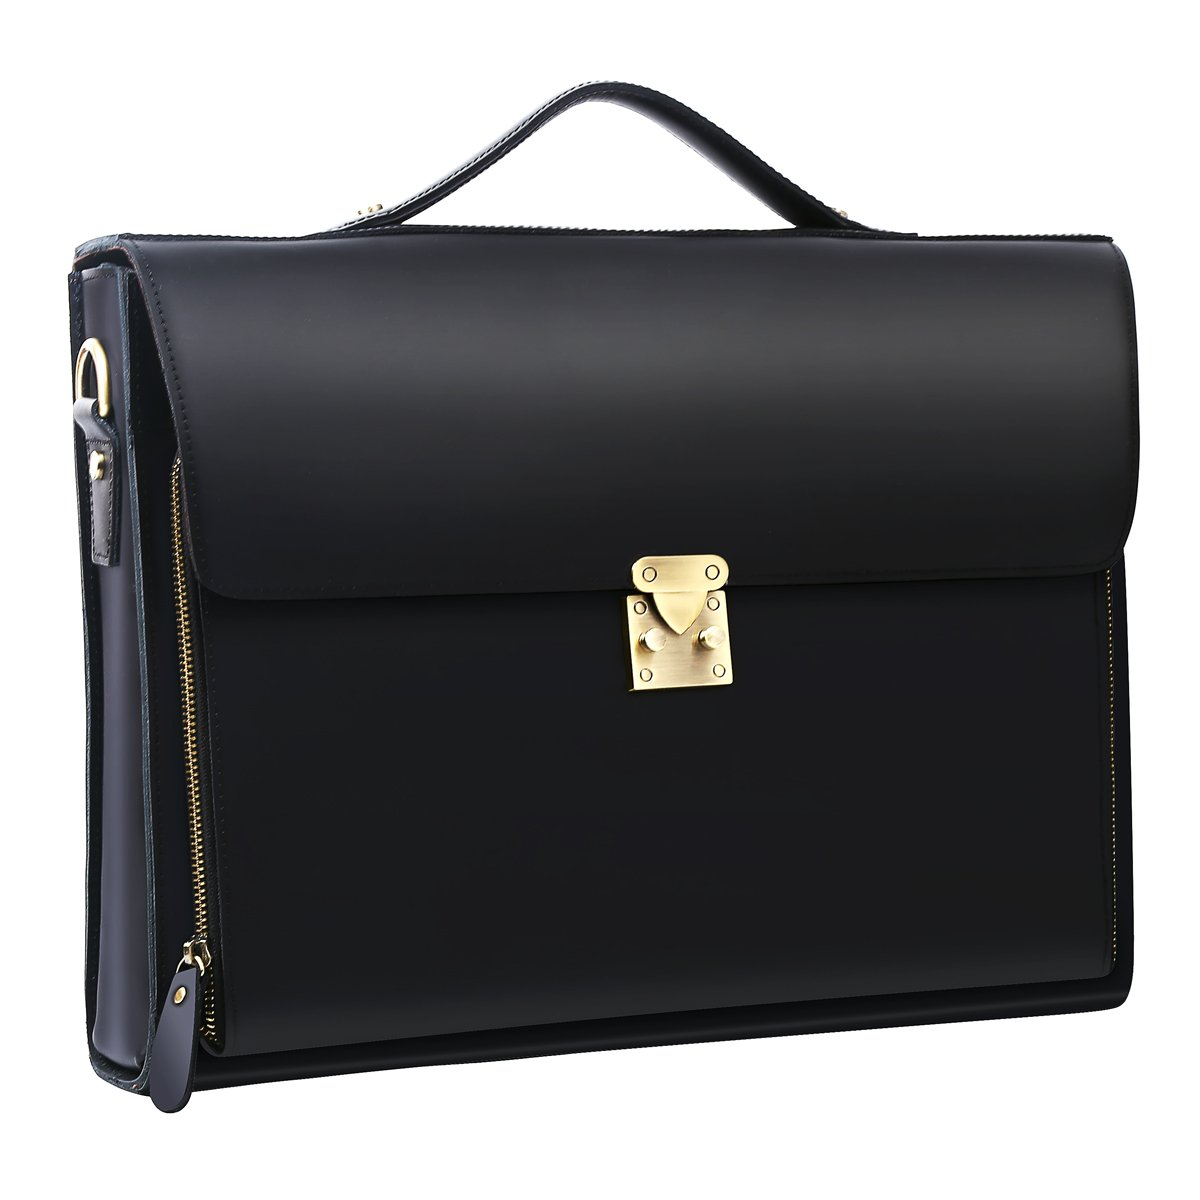 Leathario sac serviette en cuir hommes sac homme cuir sac à main cuir sac messager sac ordinateur cuir veau noir (Marron foncé 1)